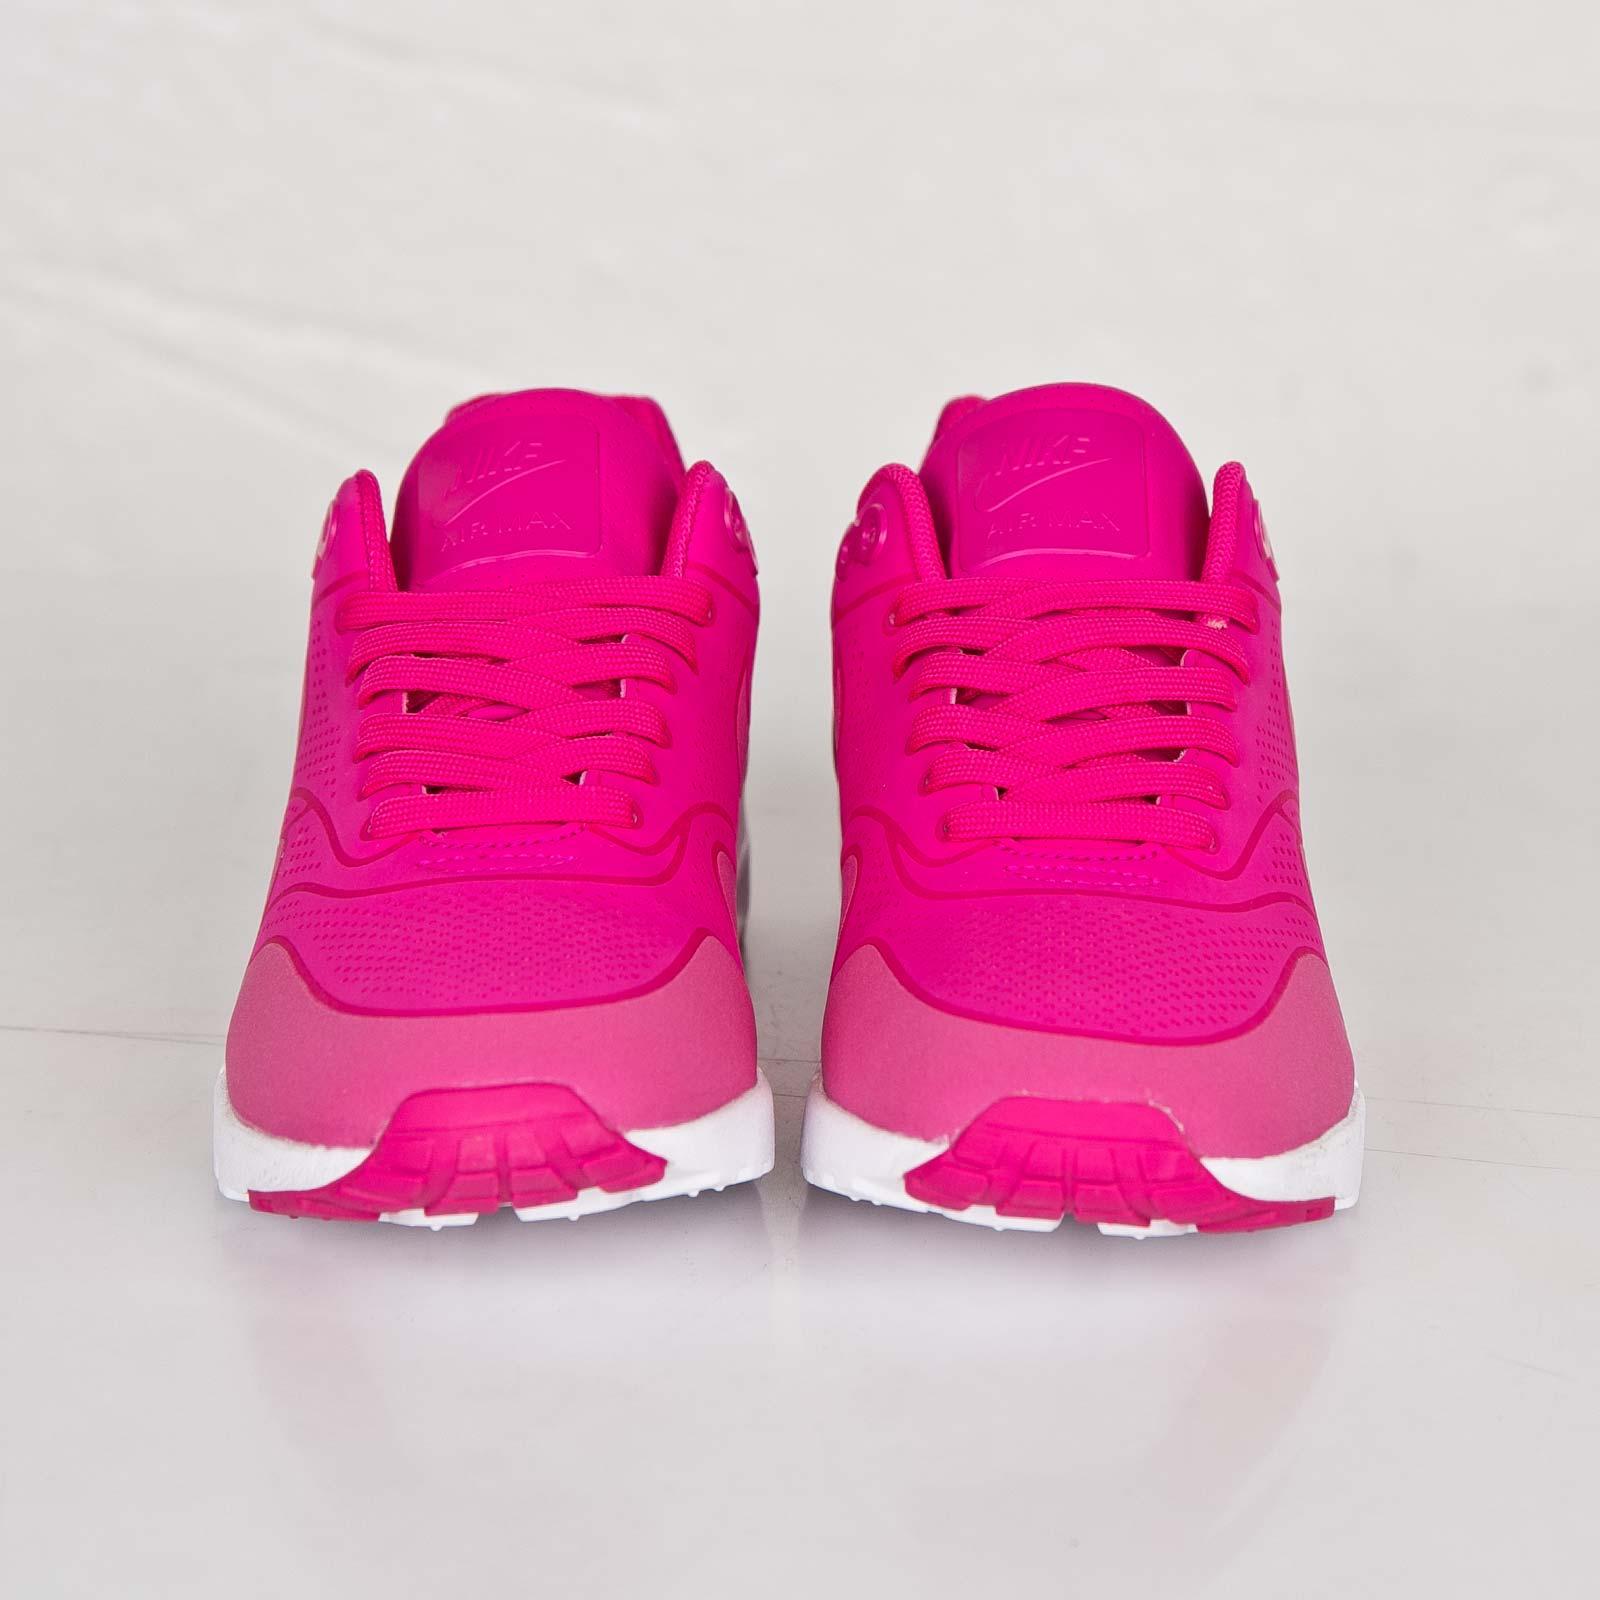 Nike Wmns Air Max 1 Ultra Moire 704995 601